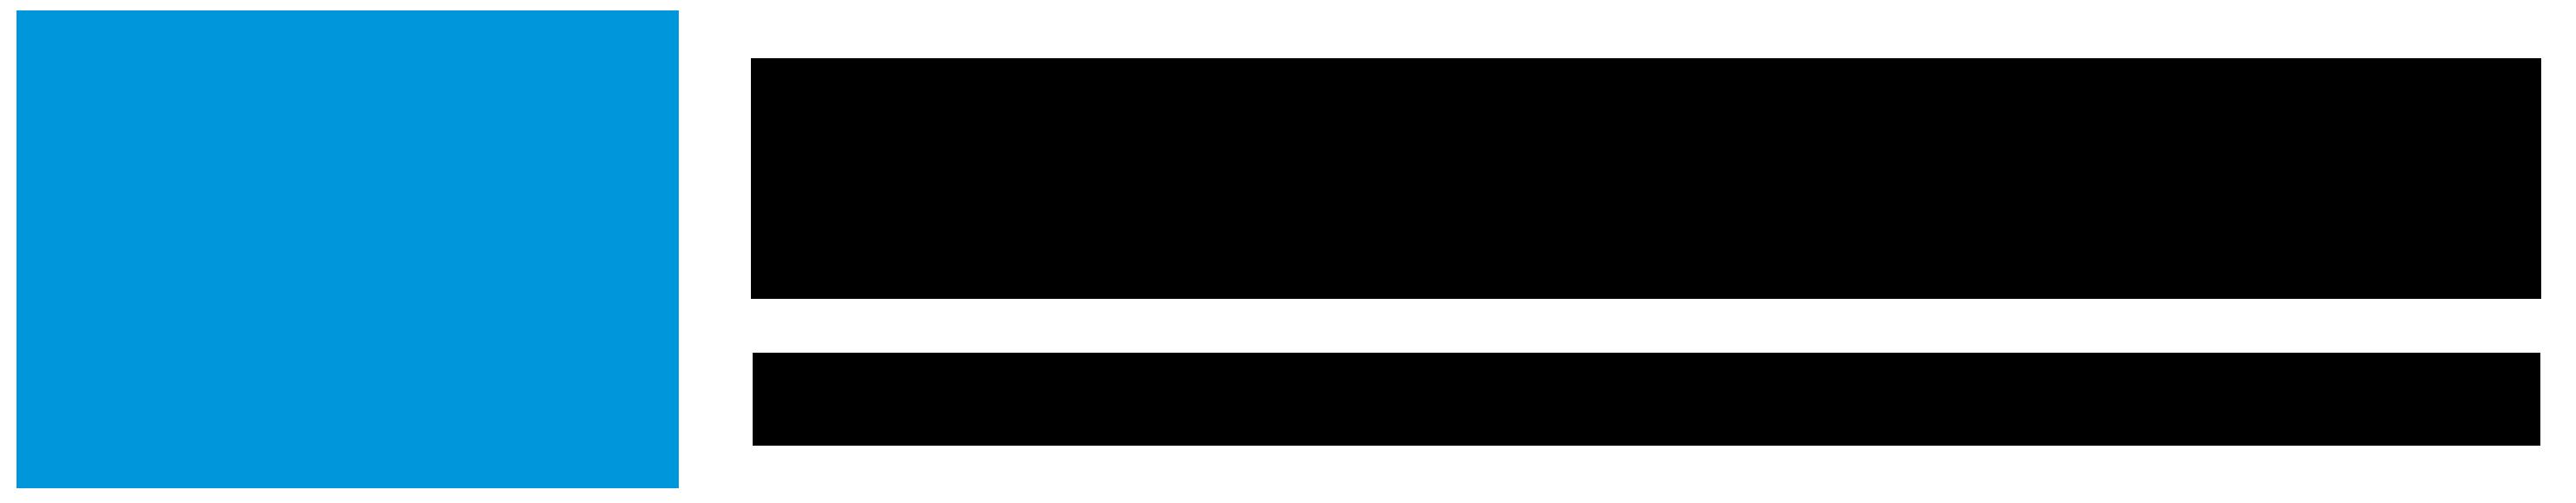 logo zendata